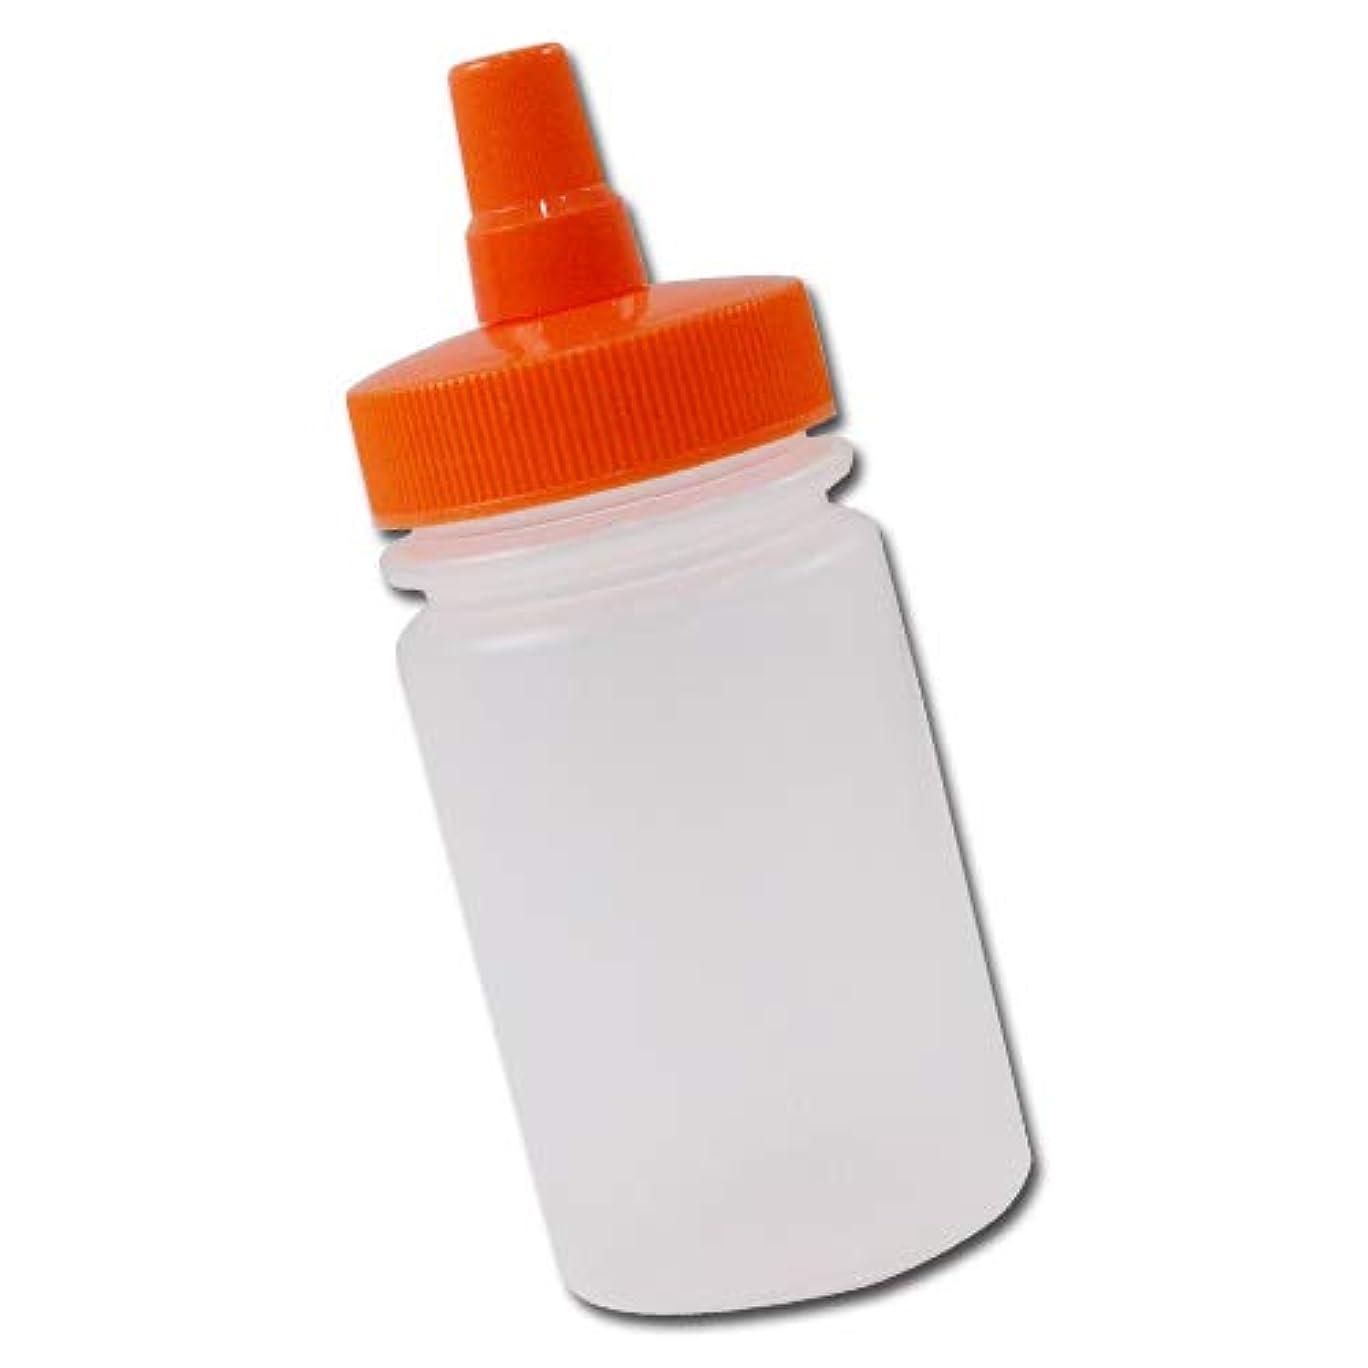 受け入れ各困難はちみつ容器100ml(オレンジキャップ)│ストレート型 業務用ローションや調味料の小分けに詰め替え用ハチミツ容器(蜂蜜容器)はちみつボトル